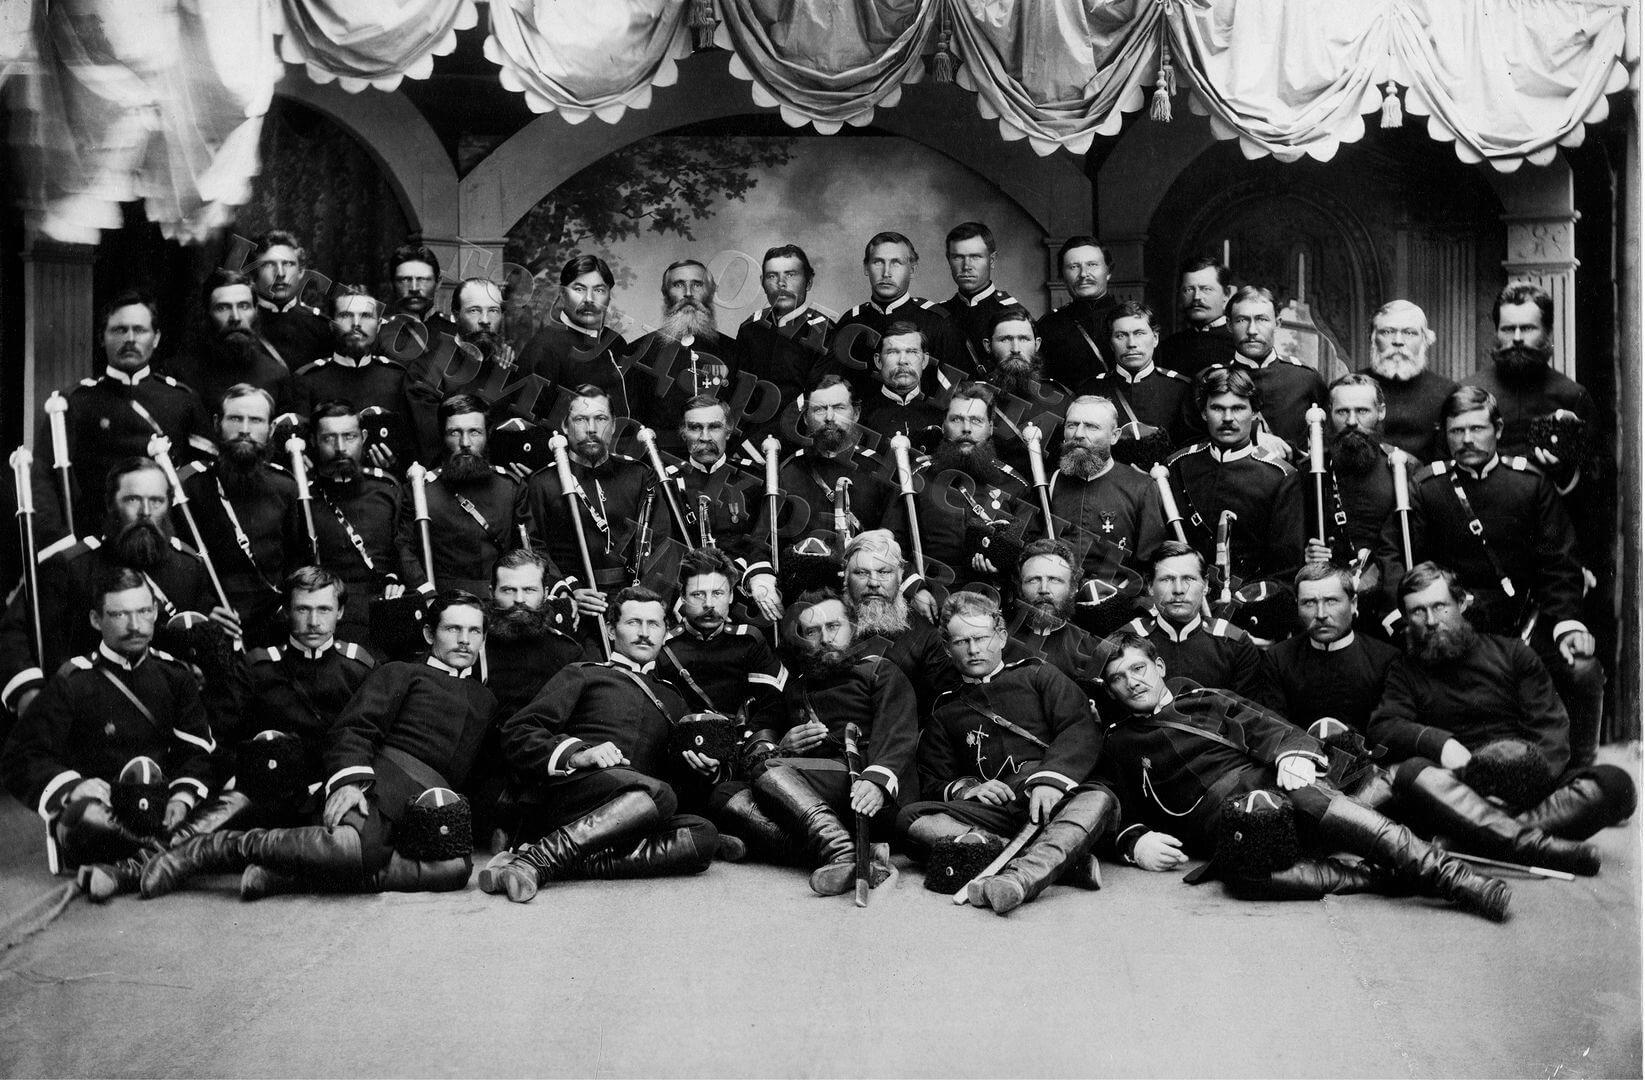 1891. Омск. Депутация 3-го отдела Сибирского казачьего войска